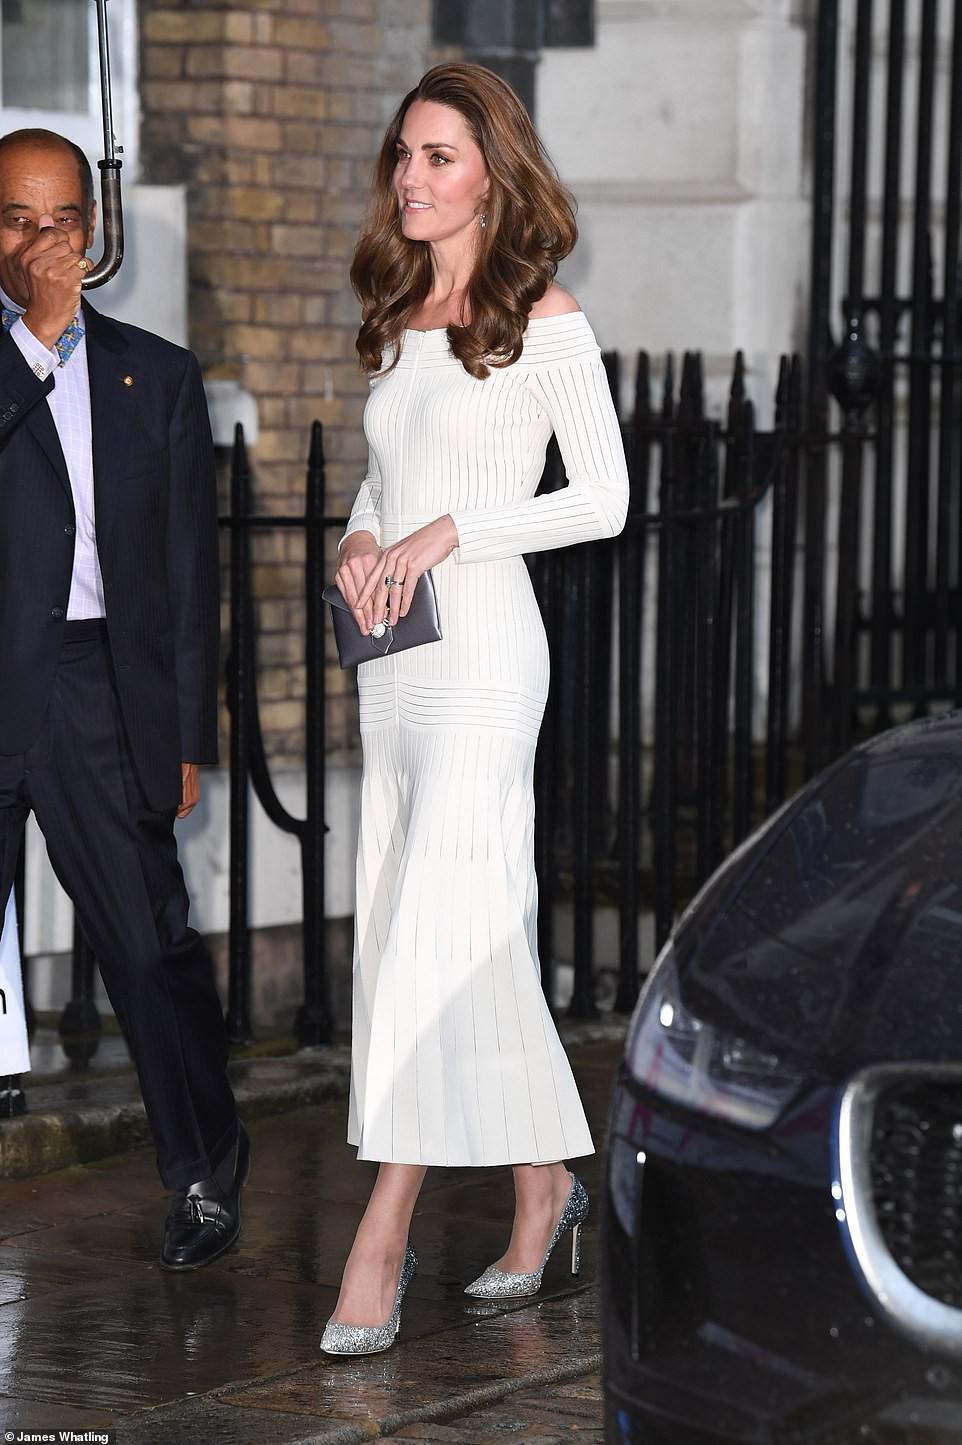 Diện lại đầm gợi cảm từ 3 năm trước, Công nương Kate cho thấy cả một sự nâng tầm về nhan sắc và phong cách - Ảnh 1.